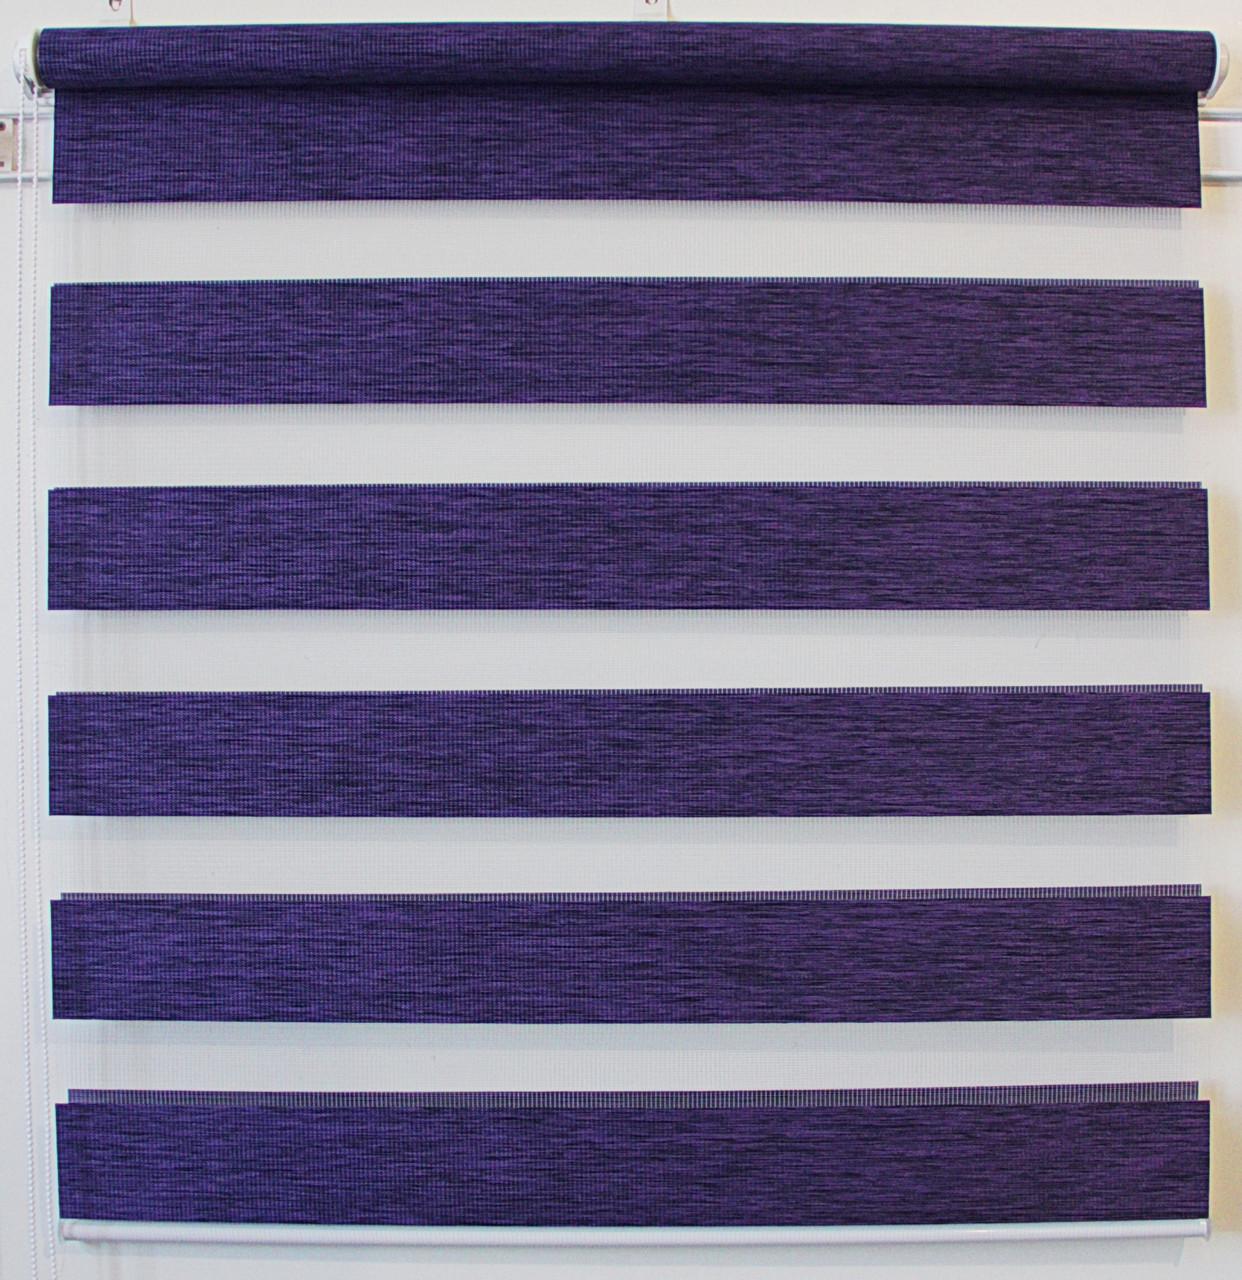 Рулонная штора ВН-18 Фиолетовый